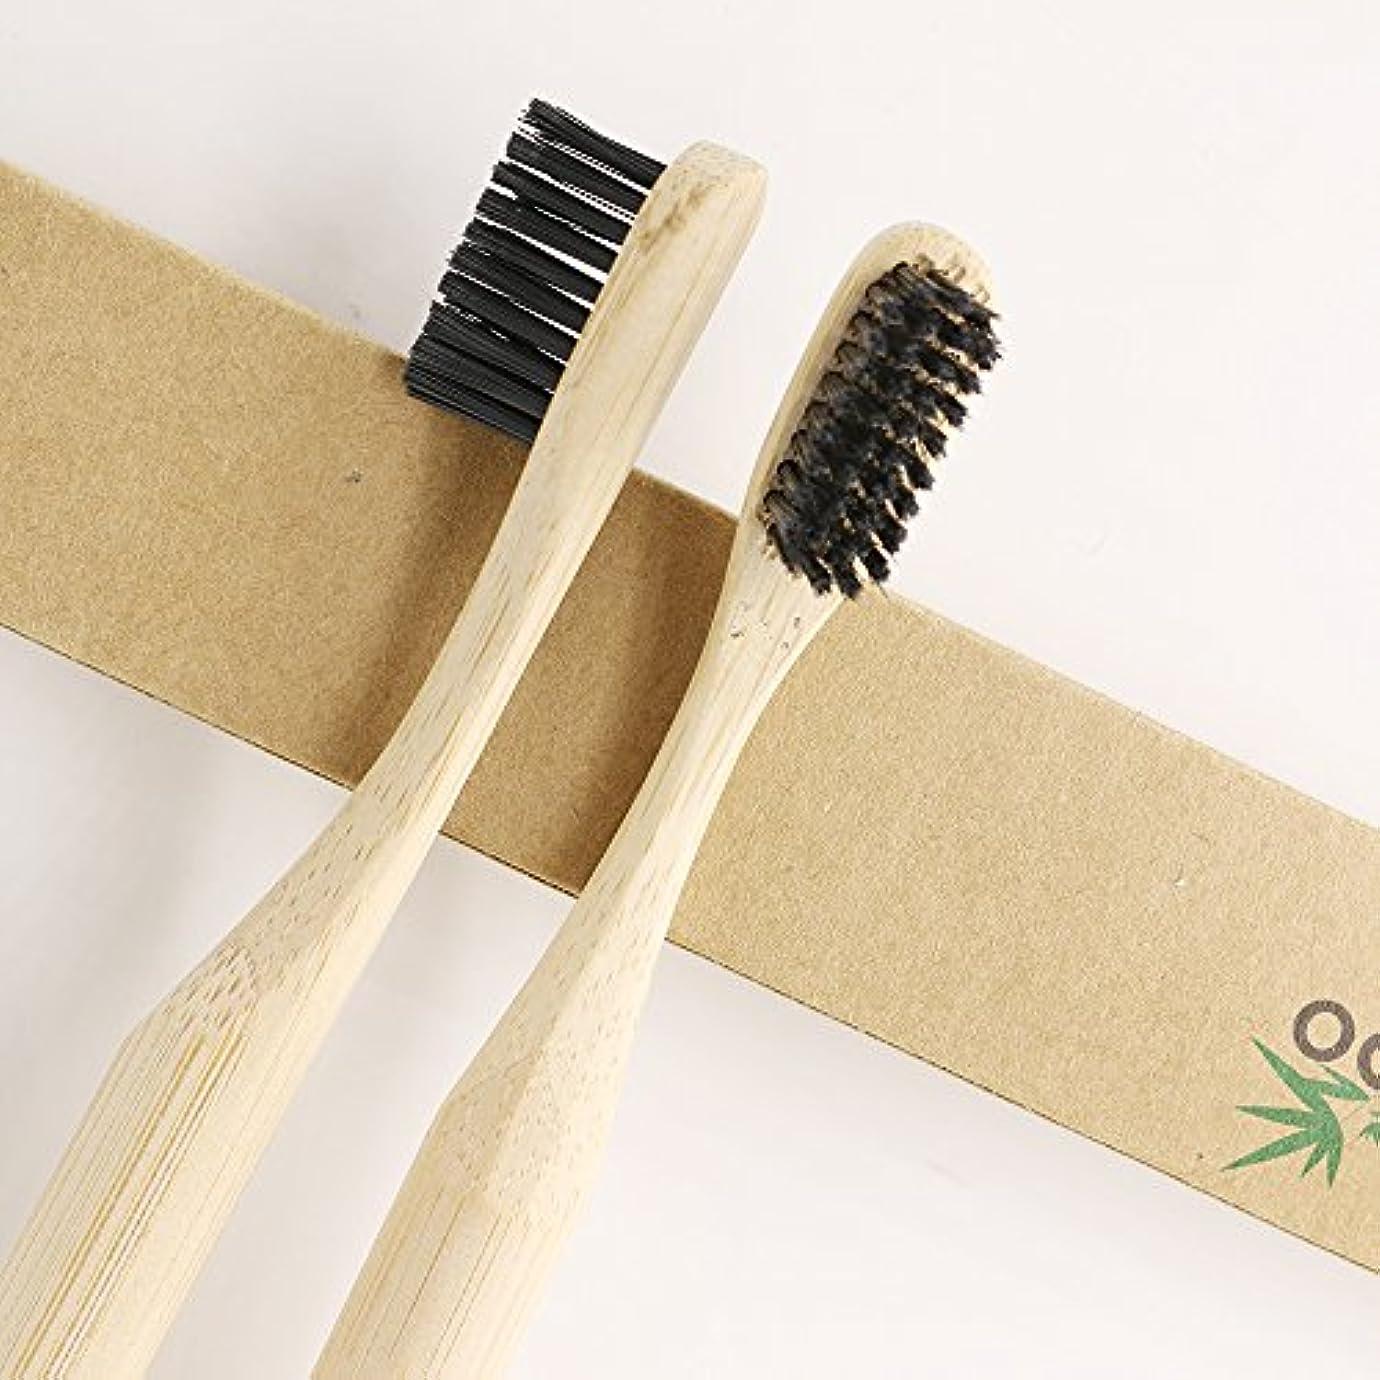 大きなスケールで見ると贅沢なと遊ぶN-amboo 竹製耐久度高い 歯ブラシ  2本入り セット 黒い